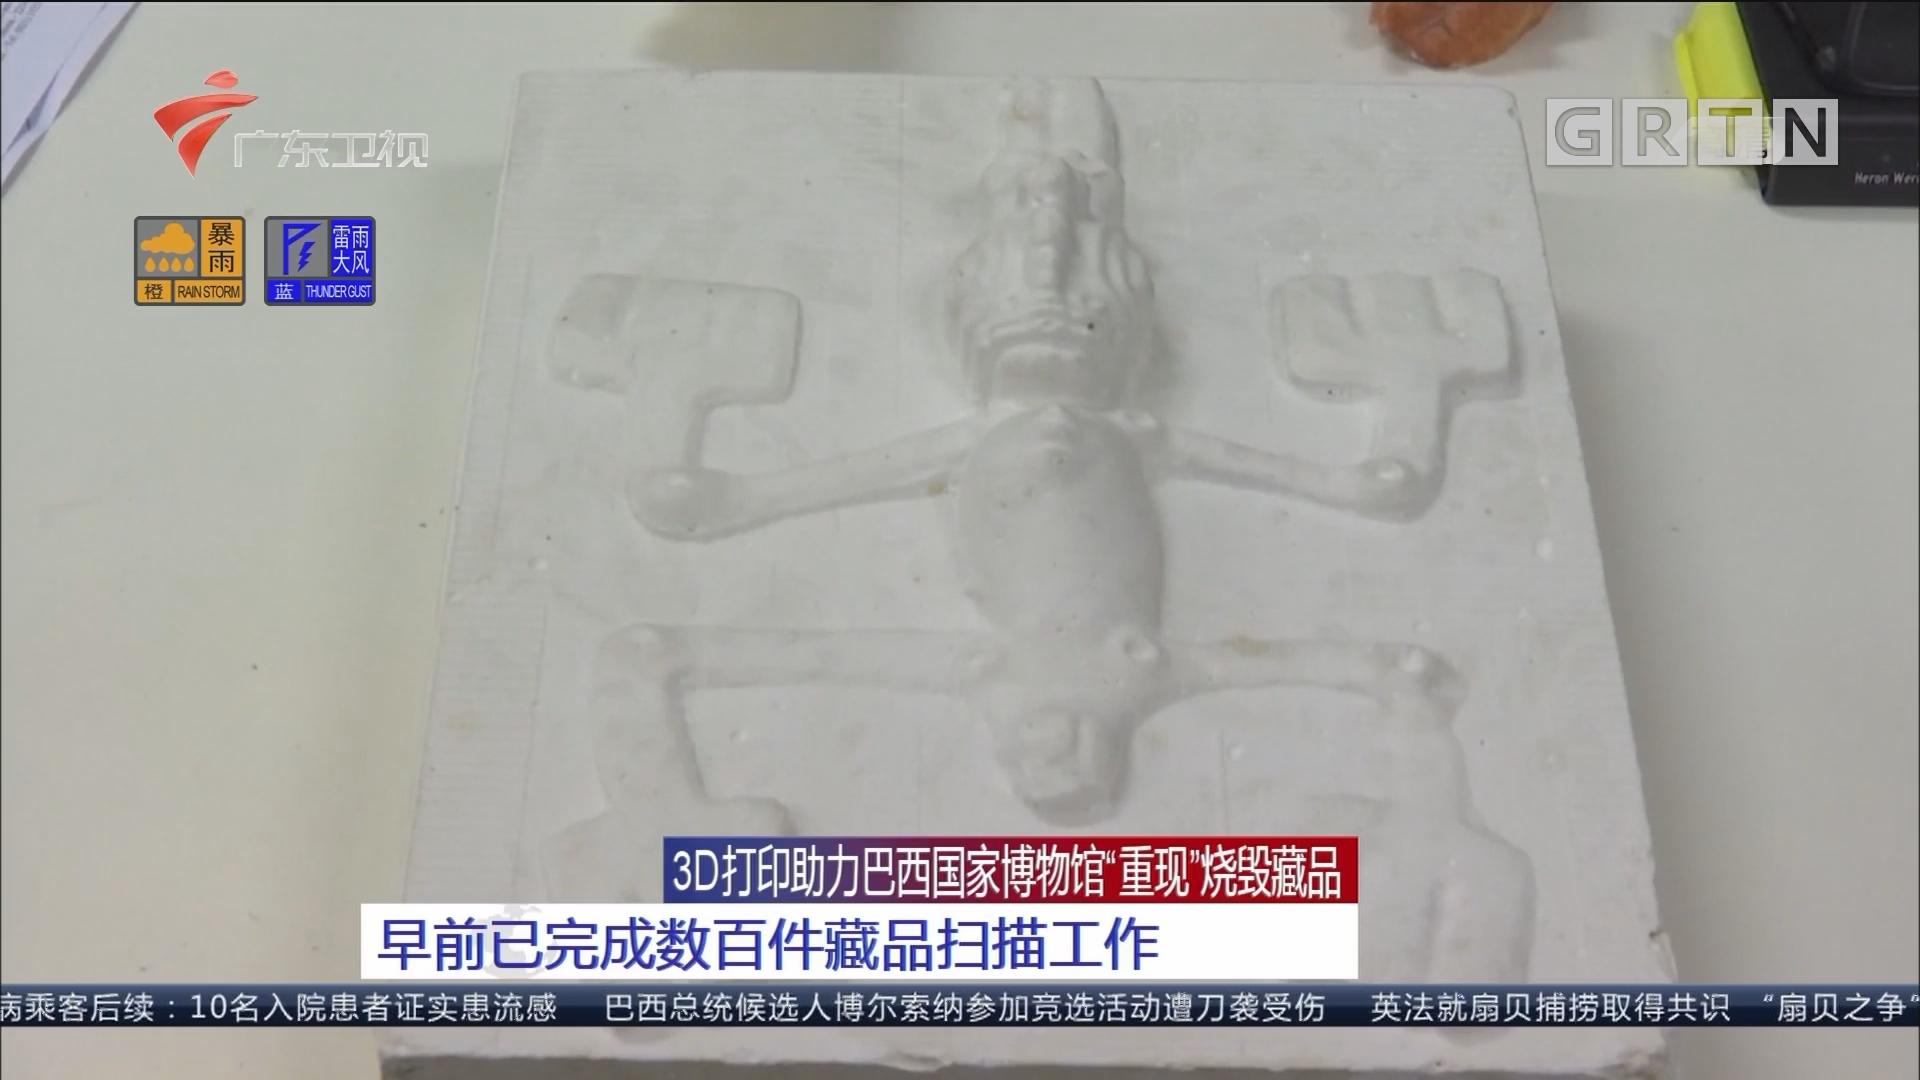 """3D打印助力巴西国家博物馆""""重现""""烧毁藏品:早前已完成数百件藏品扫描工作"""